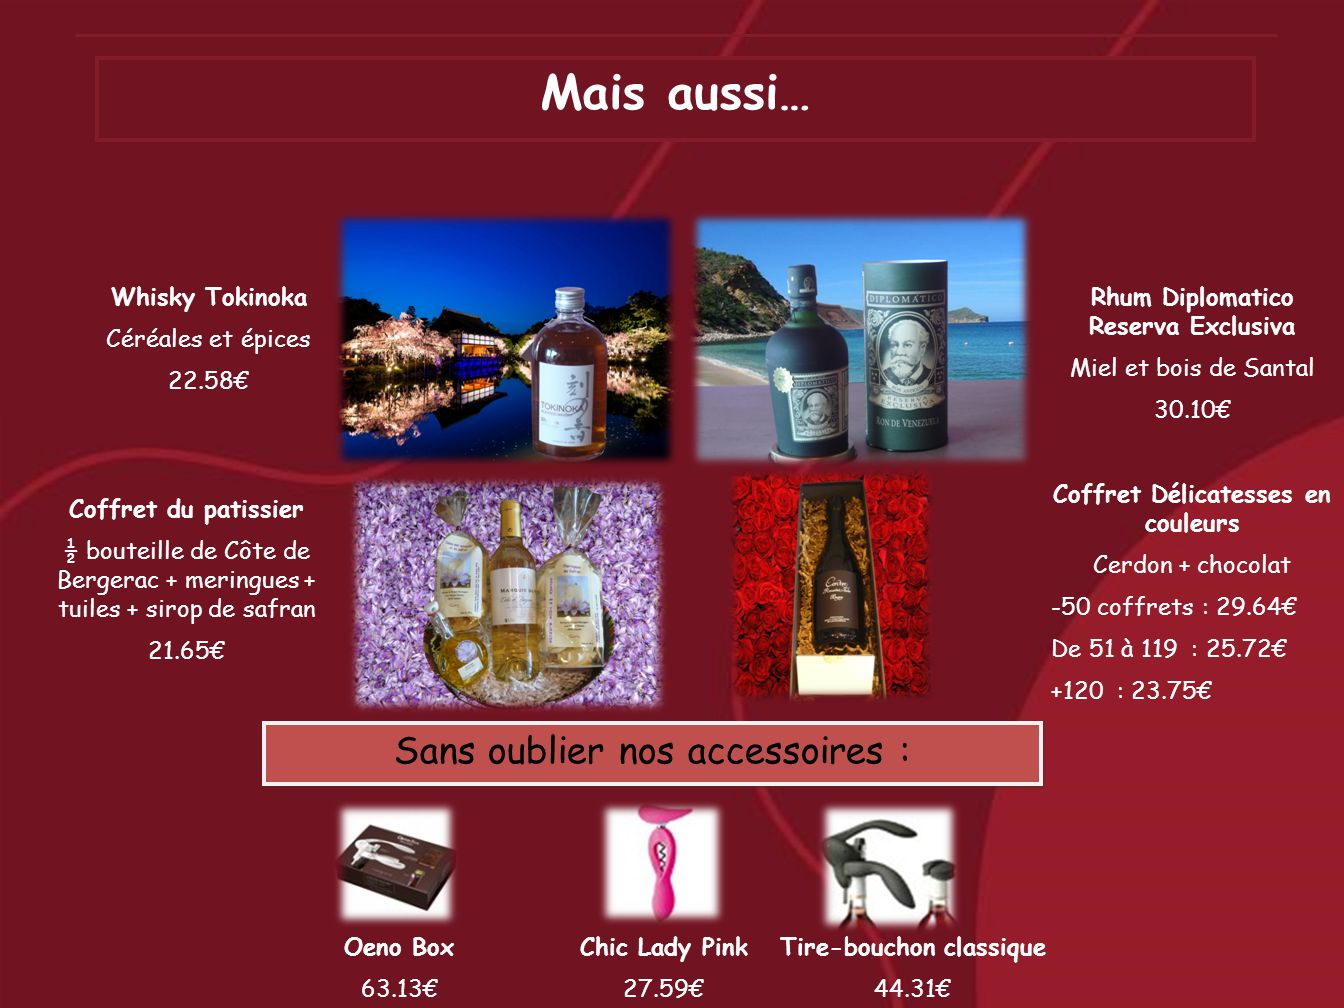 Whisky Tokinoka Céréales et épices 22.58 Rhum Diplomatico Reserva Exclusiva Miel et bois de Santal 30.10 Coffret du patissier ½ bouteille de Côte de B